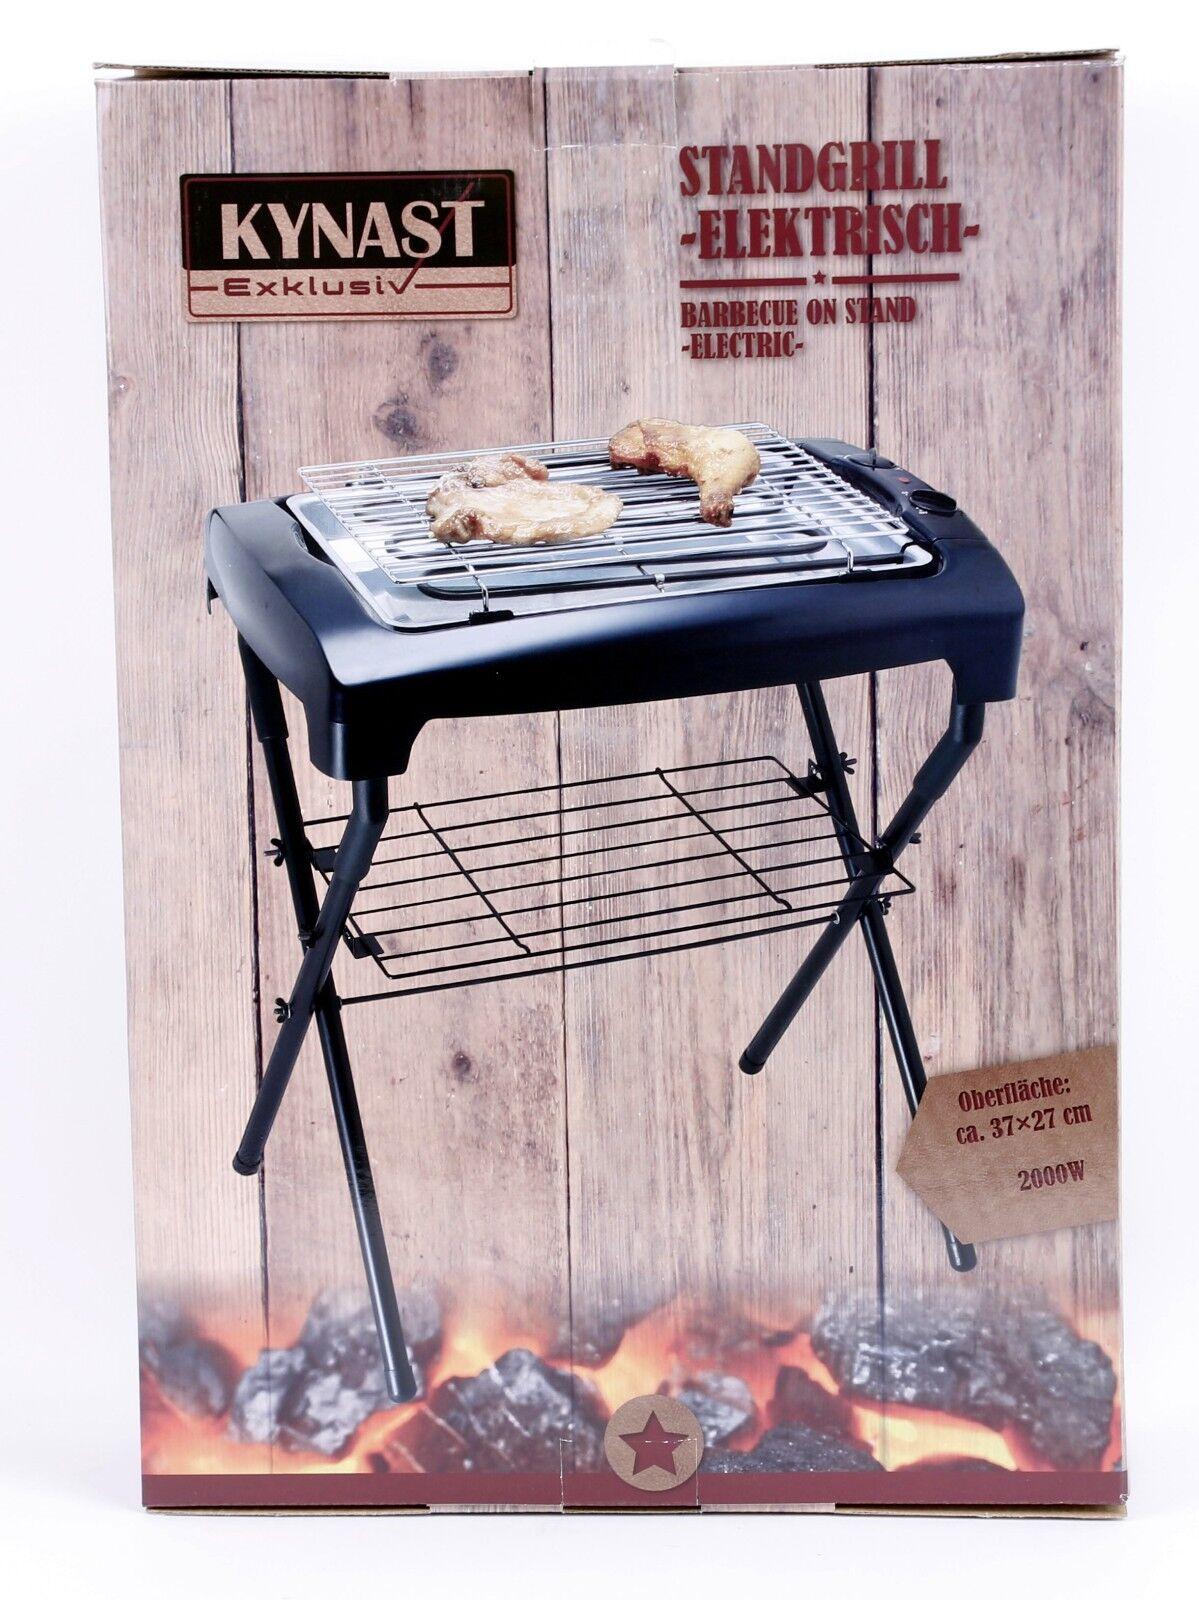 Kynast Tischgrill mit Ständer elektrisch 2000W Elektrogrill Barbecue Elektrisch